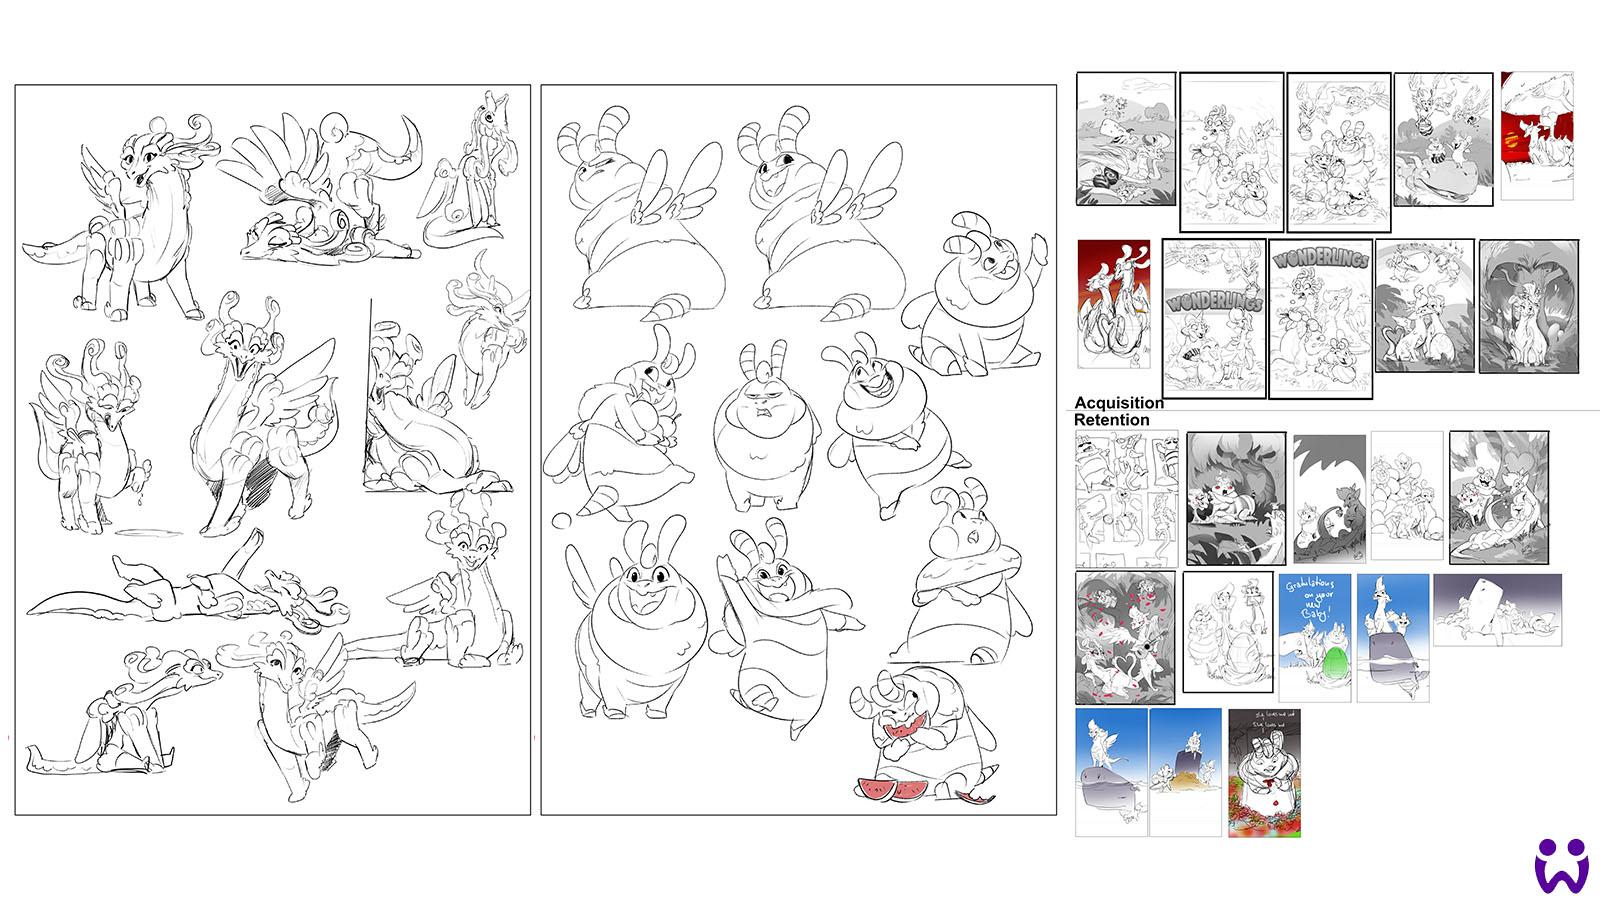 """22 von 25, Skizzen für potenzielle Marketingillustrationen. Für das Mobilegame """"Wonderlings"""" von Wooga"""